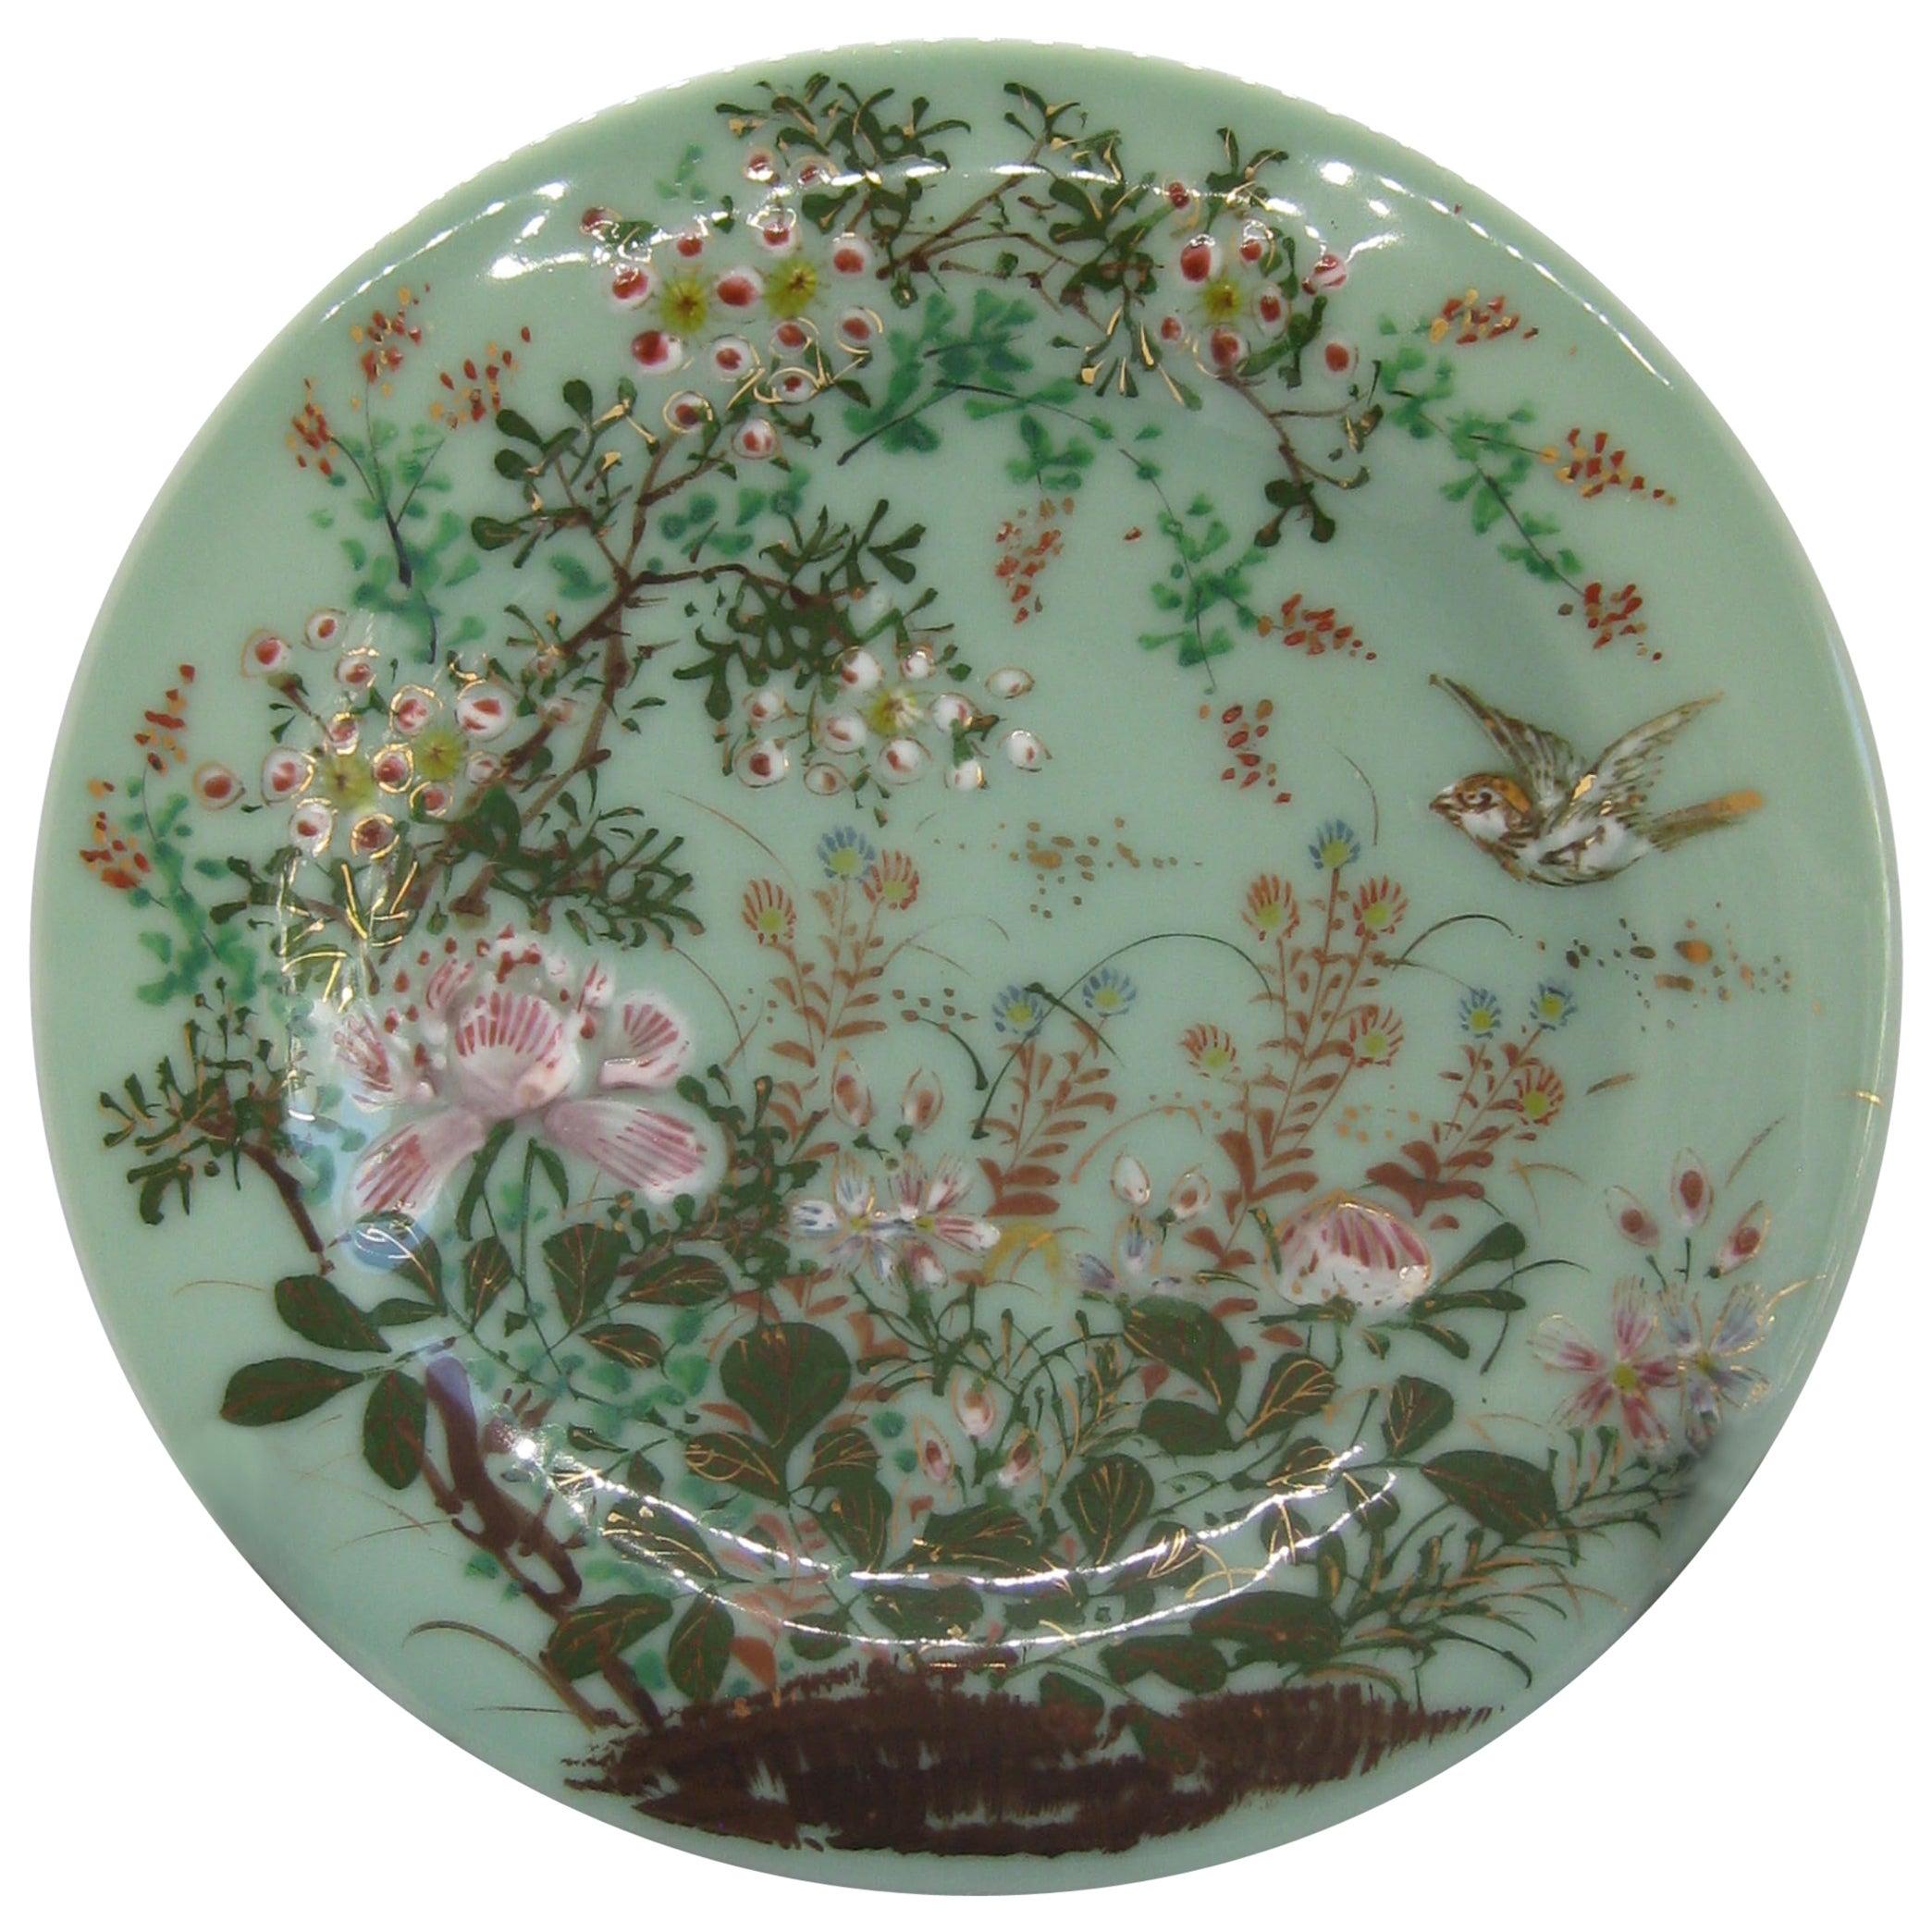 Antique Japanese Celadon Imari Nabeshima Enamel Porcelain Plate Meiji Era Signed